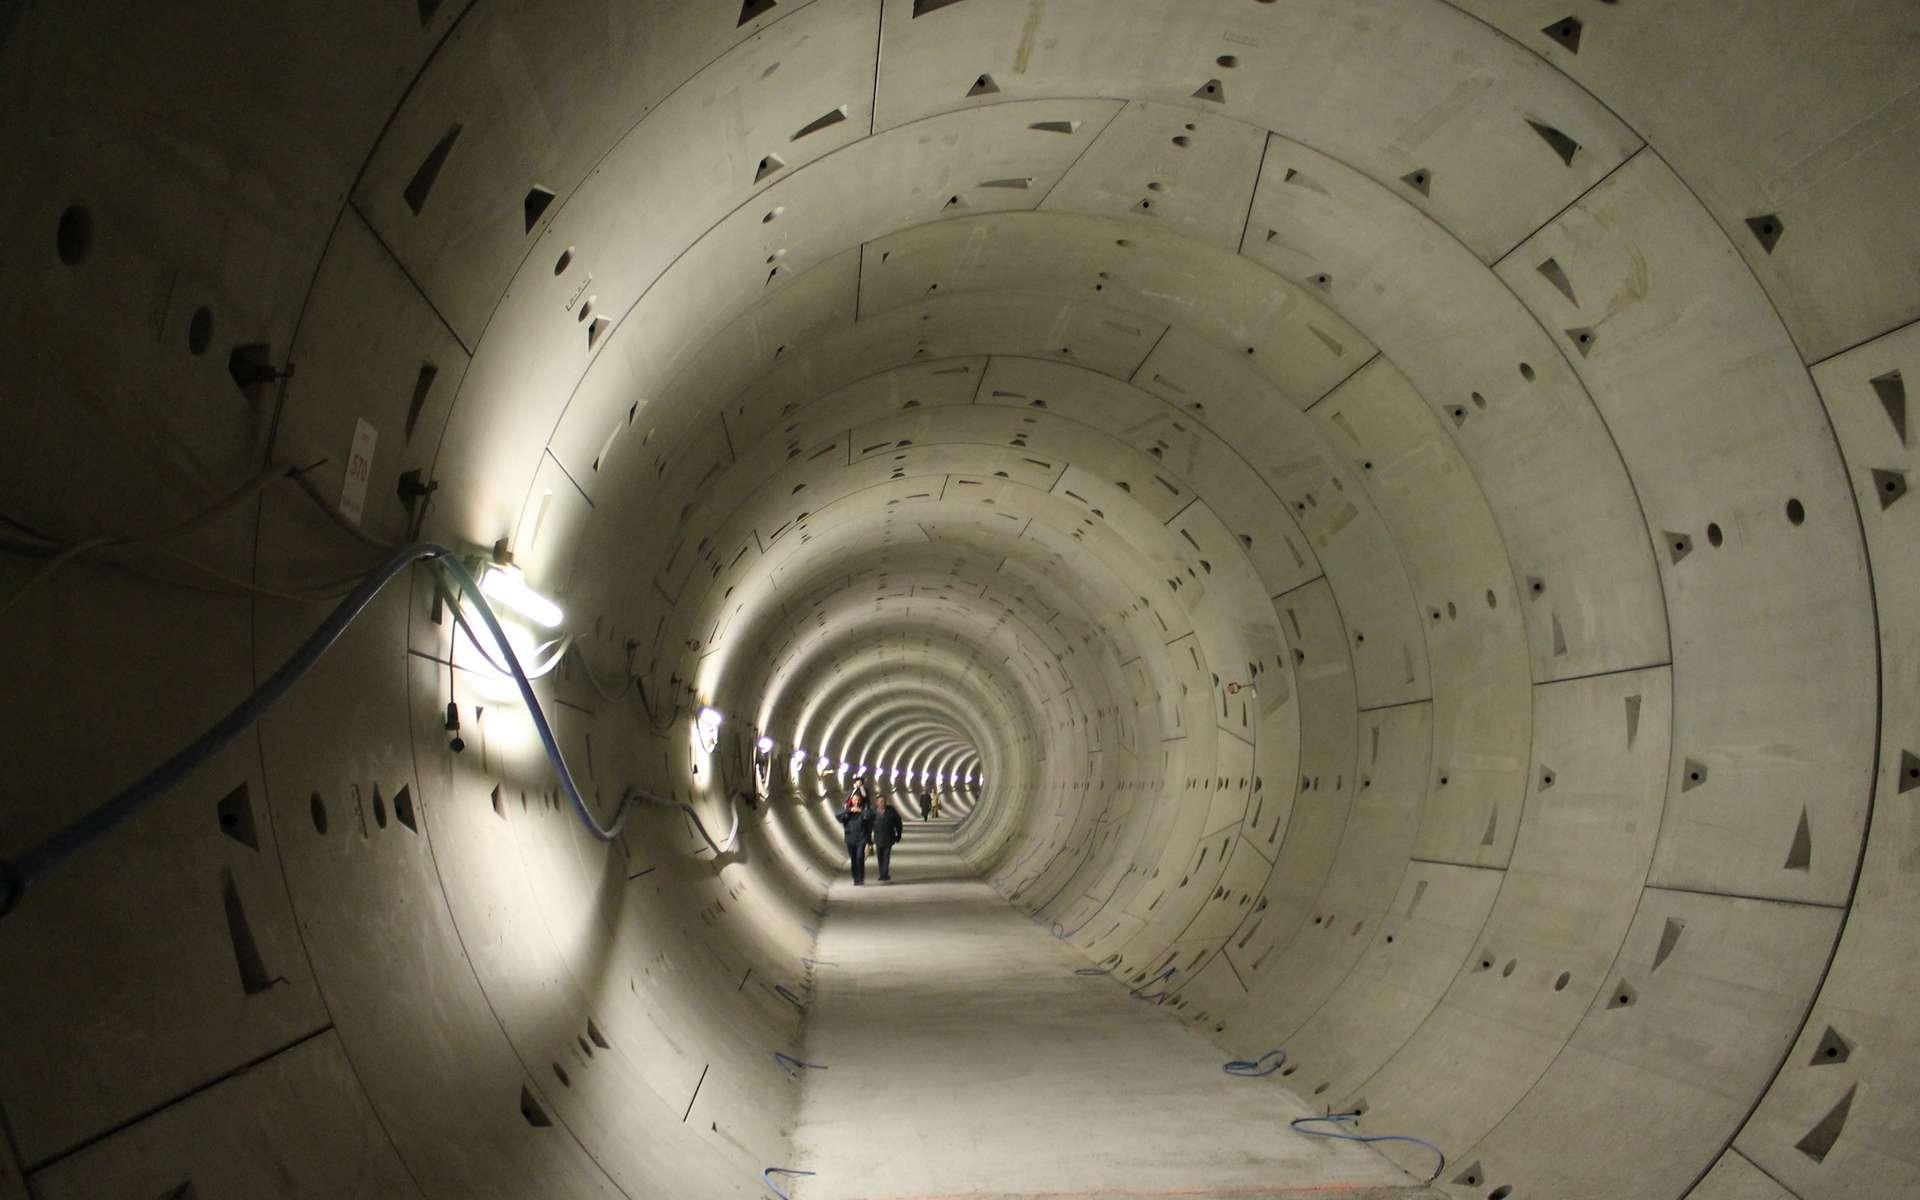 Les voussoirs sont assemblés en anneau pour soutenir la galerie du tunnel. © Draceane CC3.0